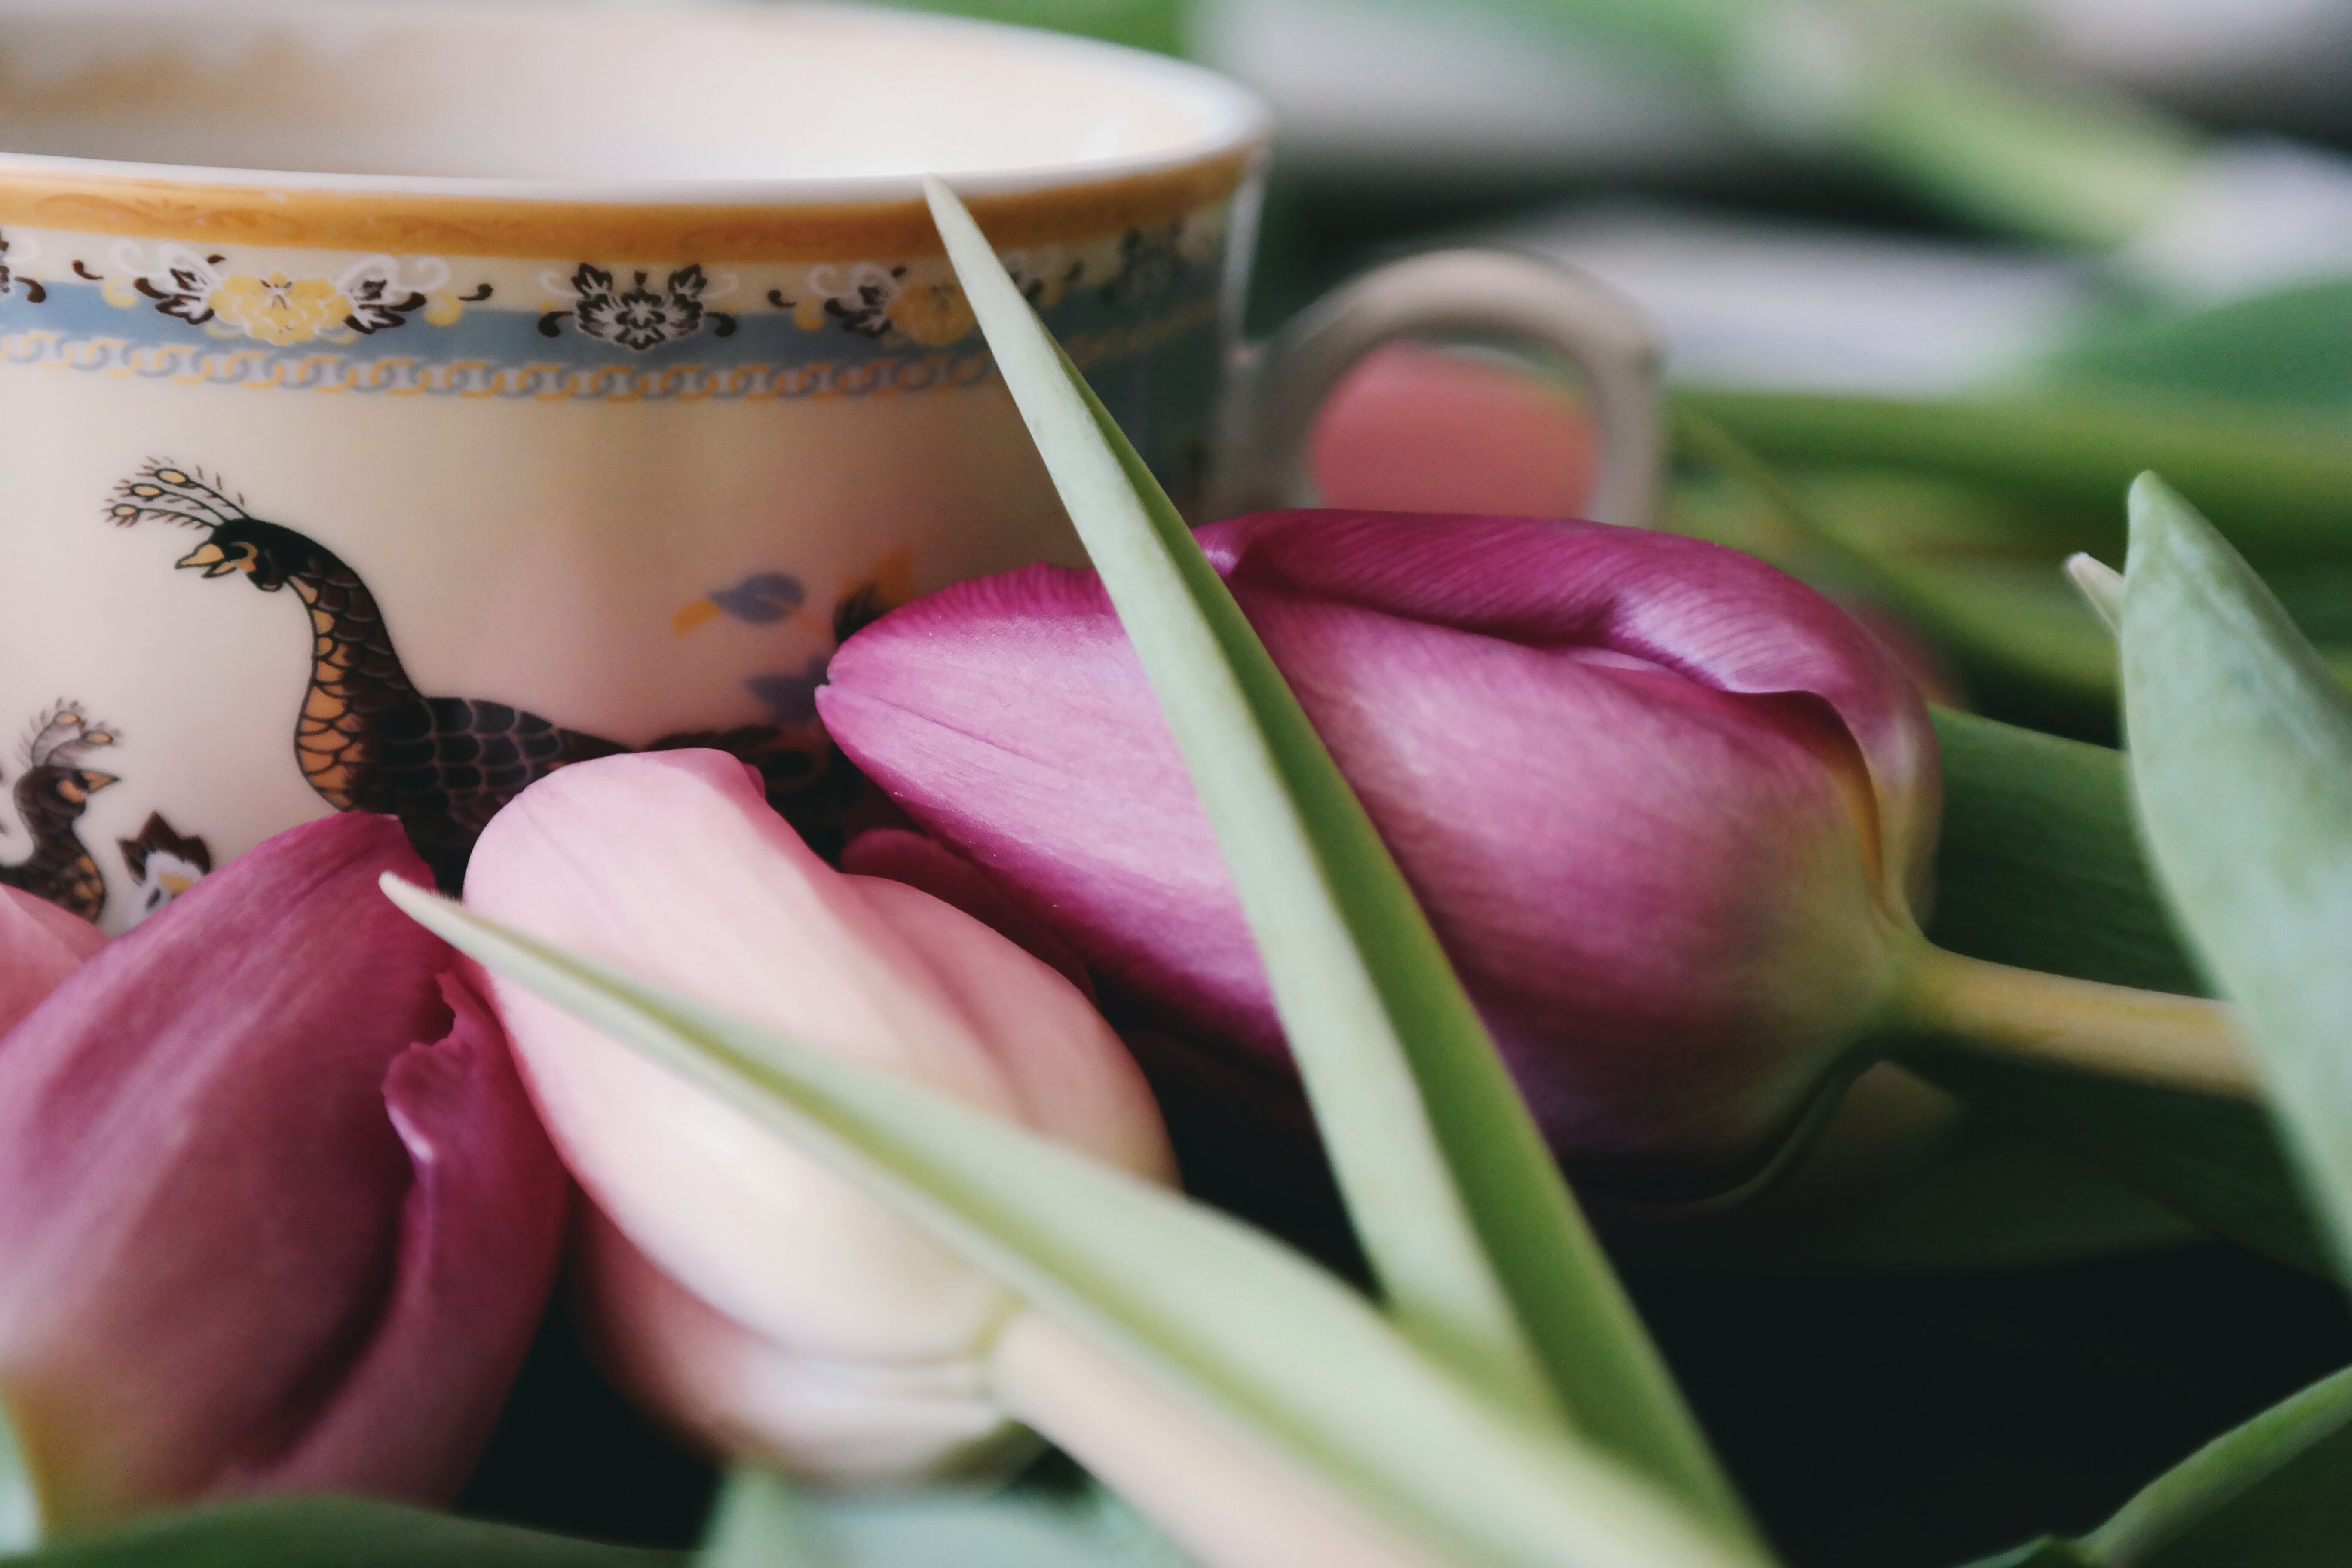 ぼかし, カップ, コーヒー, チューリップの無料の写真素材